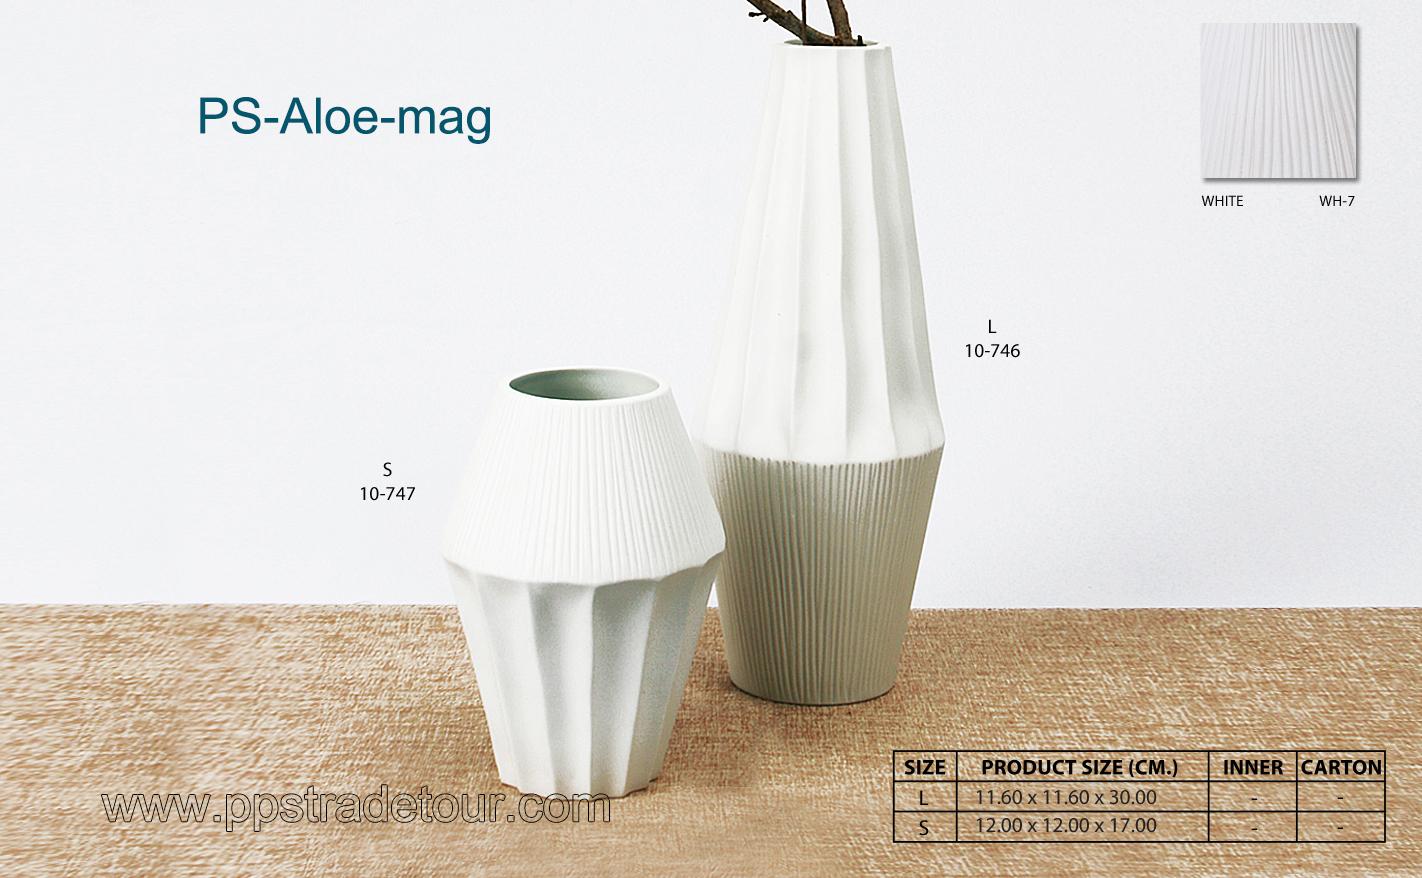 PSCV-Aloe-mag-wo-7